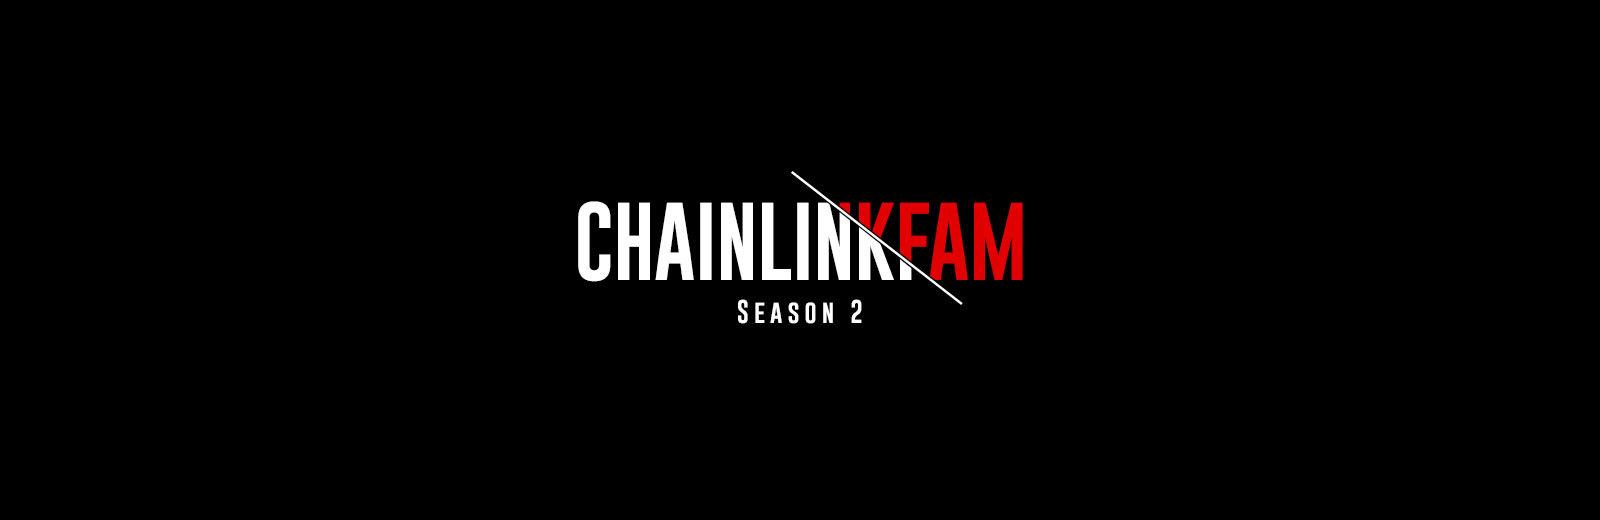 ChainsFX Season 2 Store